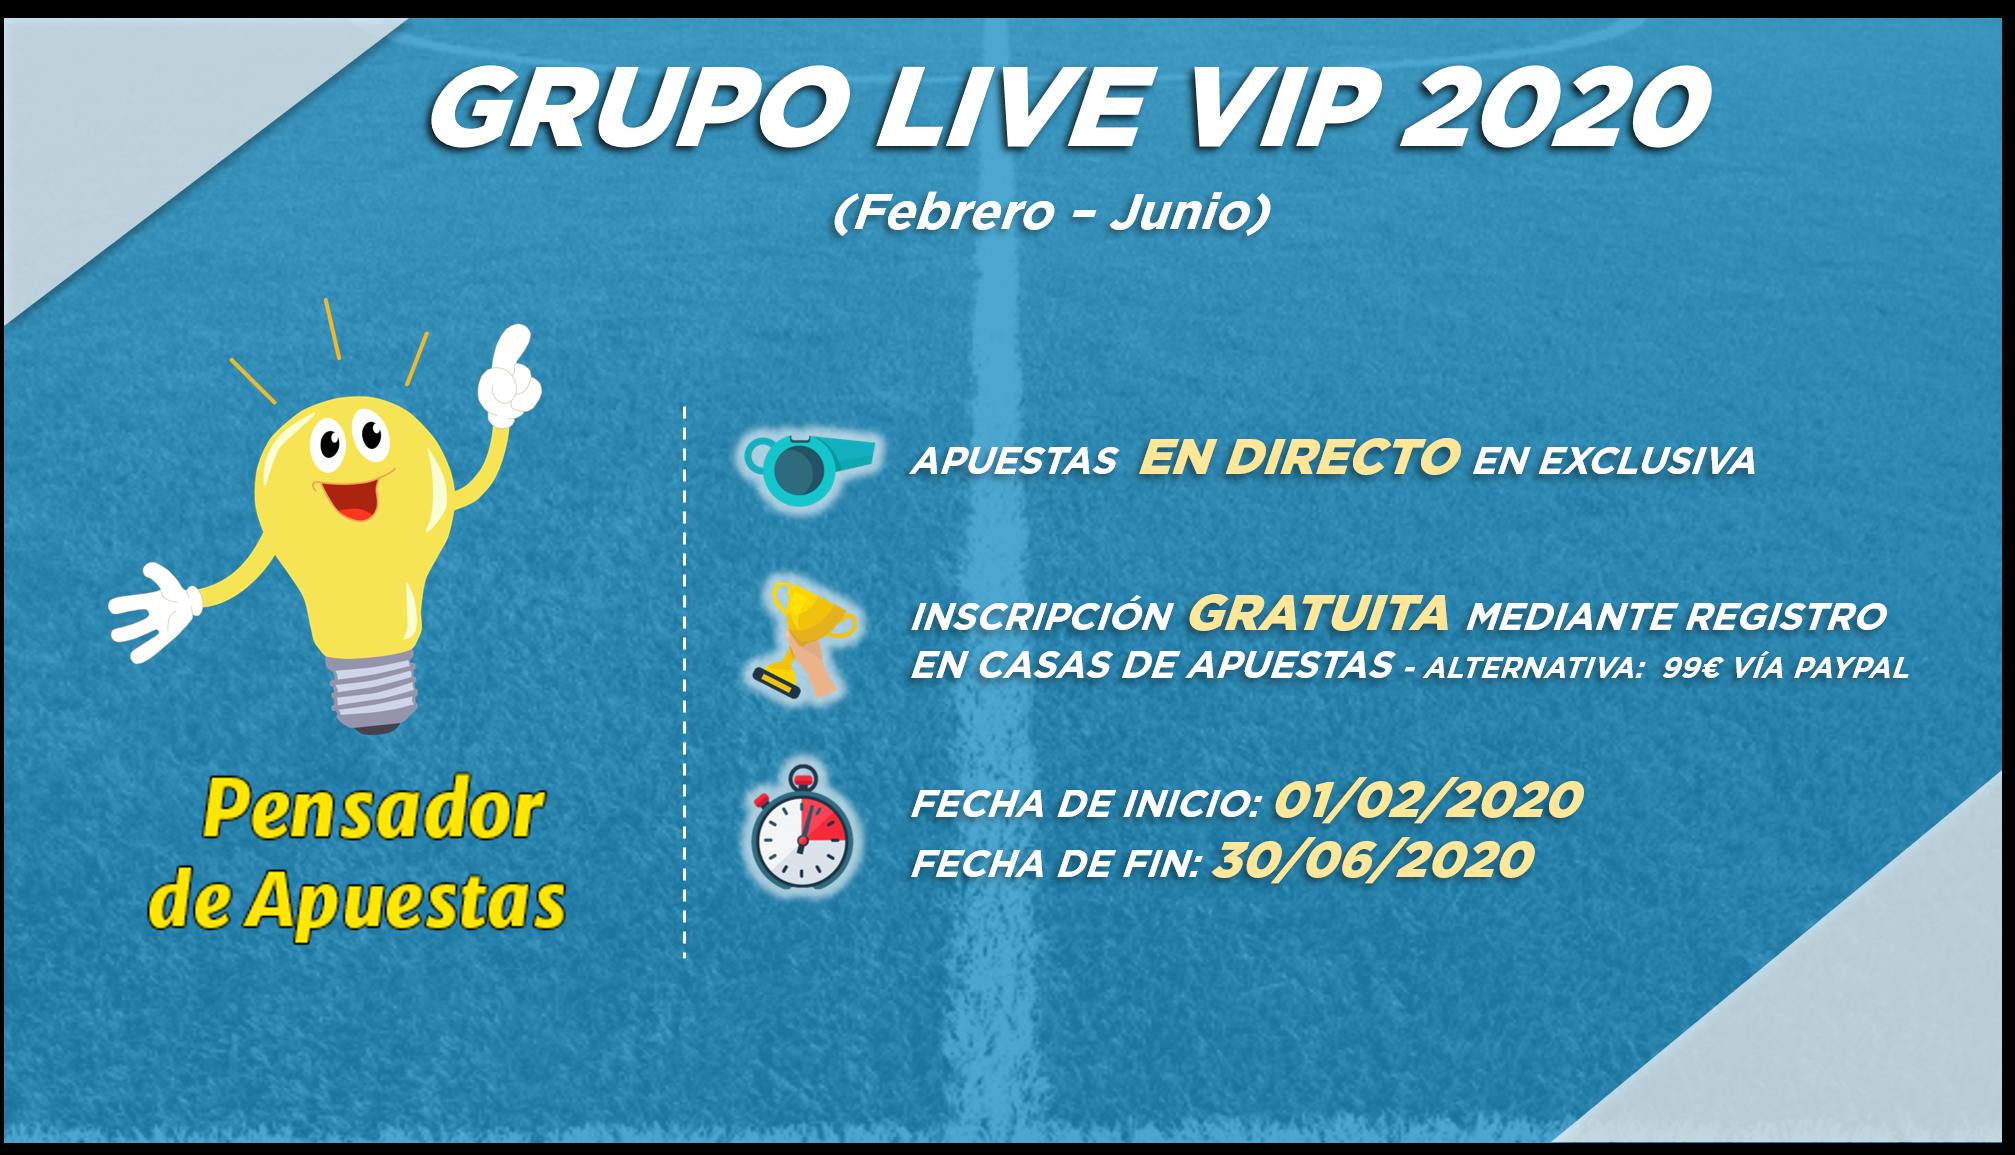 Grupo Live VIP 2020